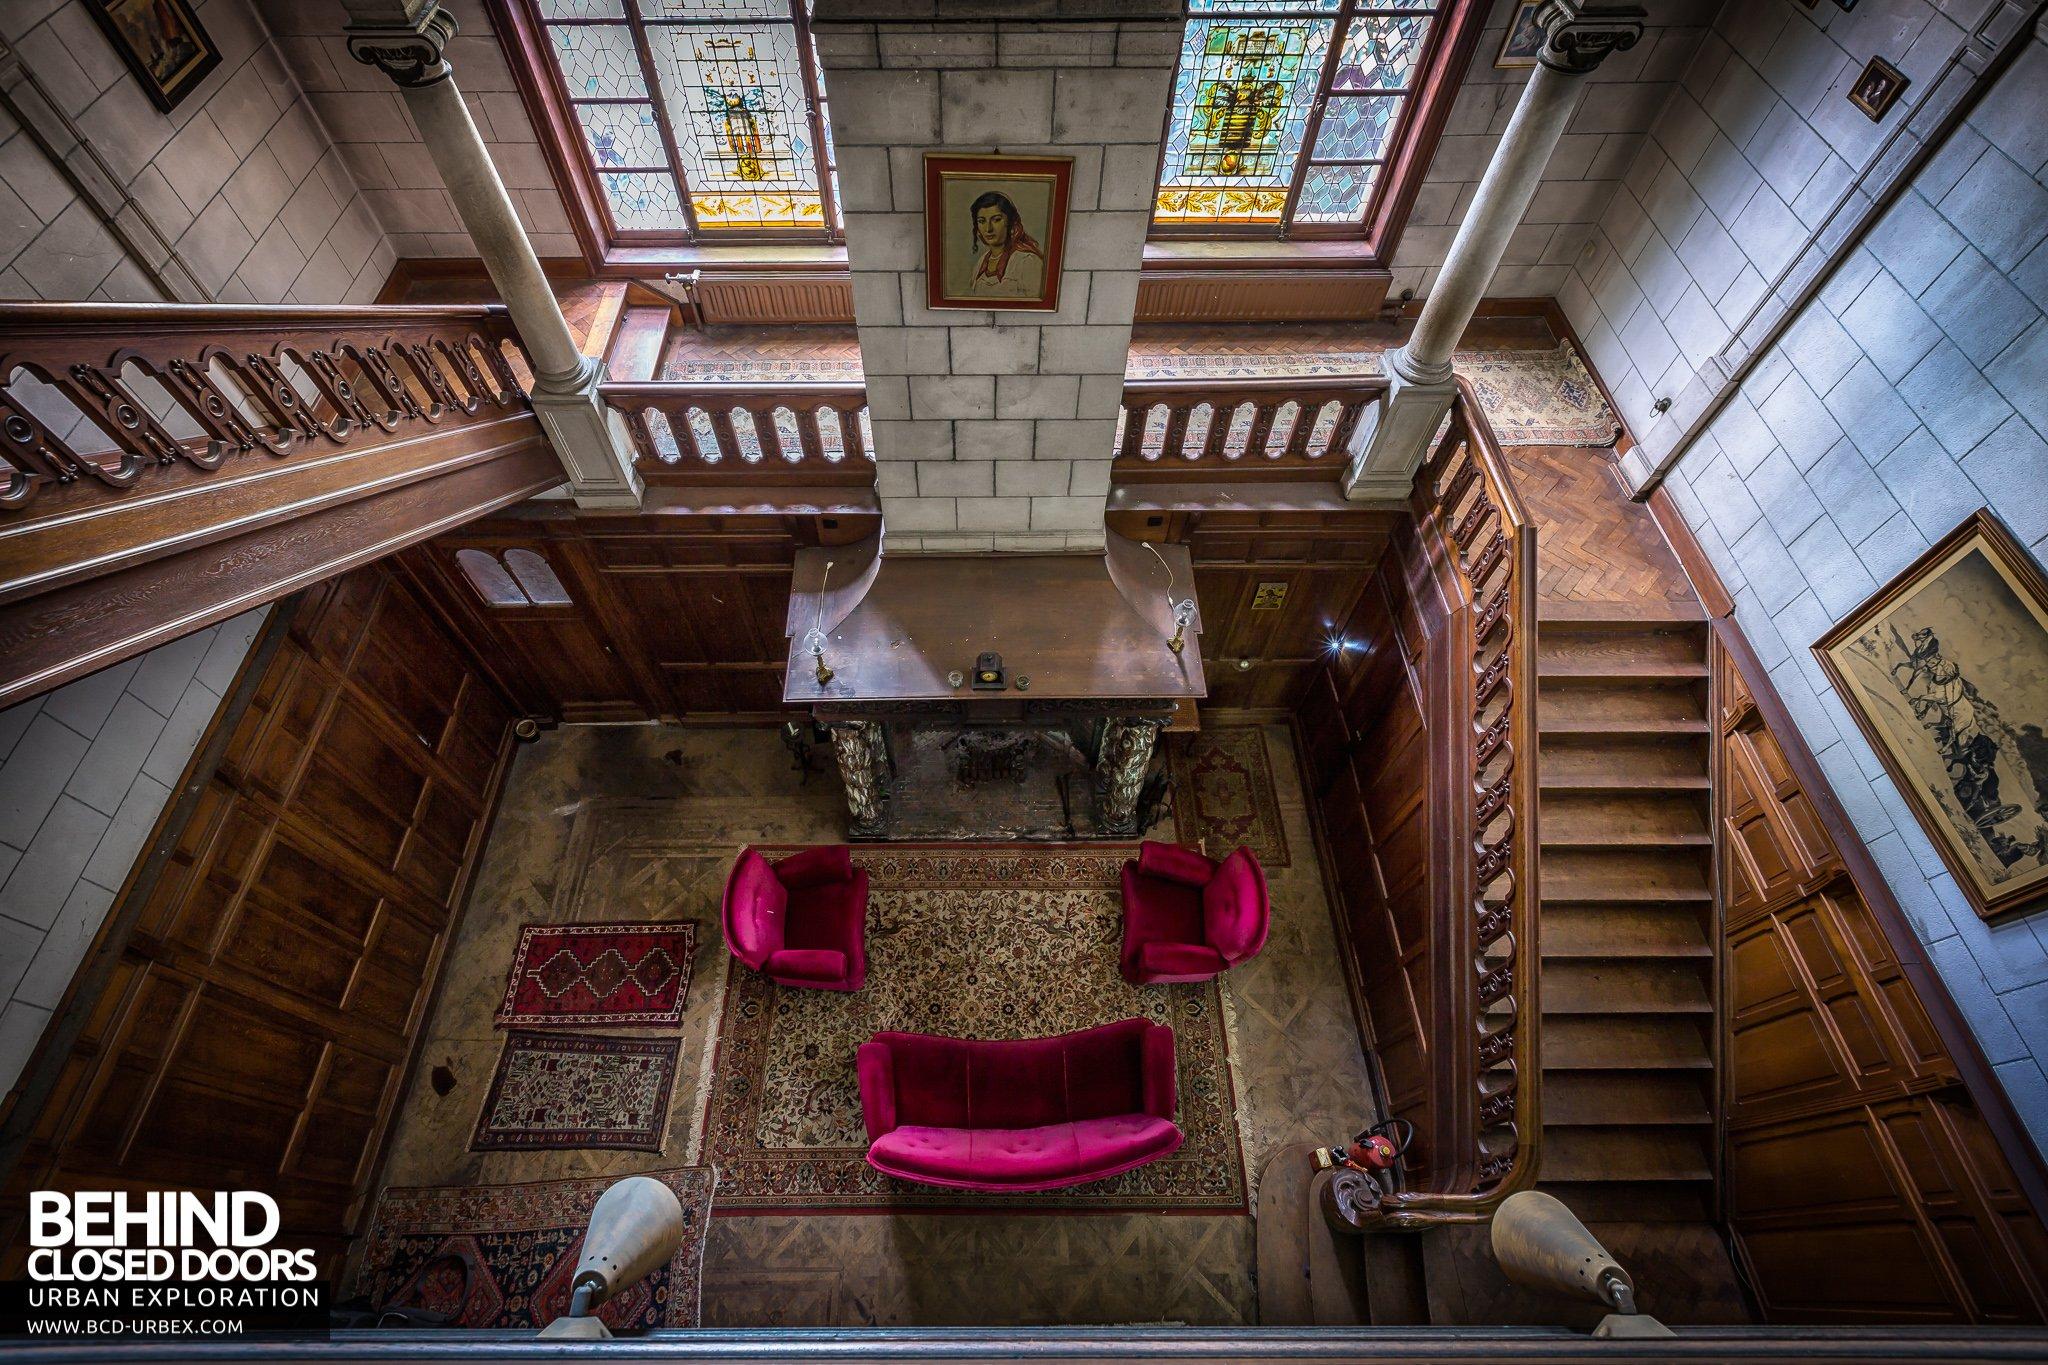 Town Mansion Belgium 187 Urbex Behind Closed Doors Urban